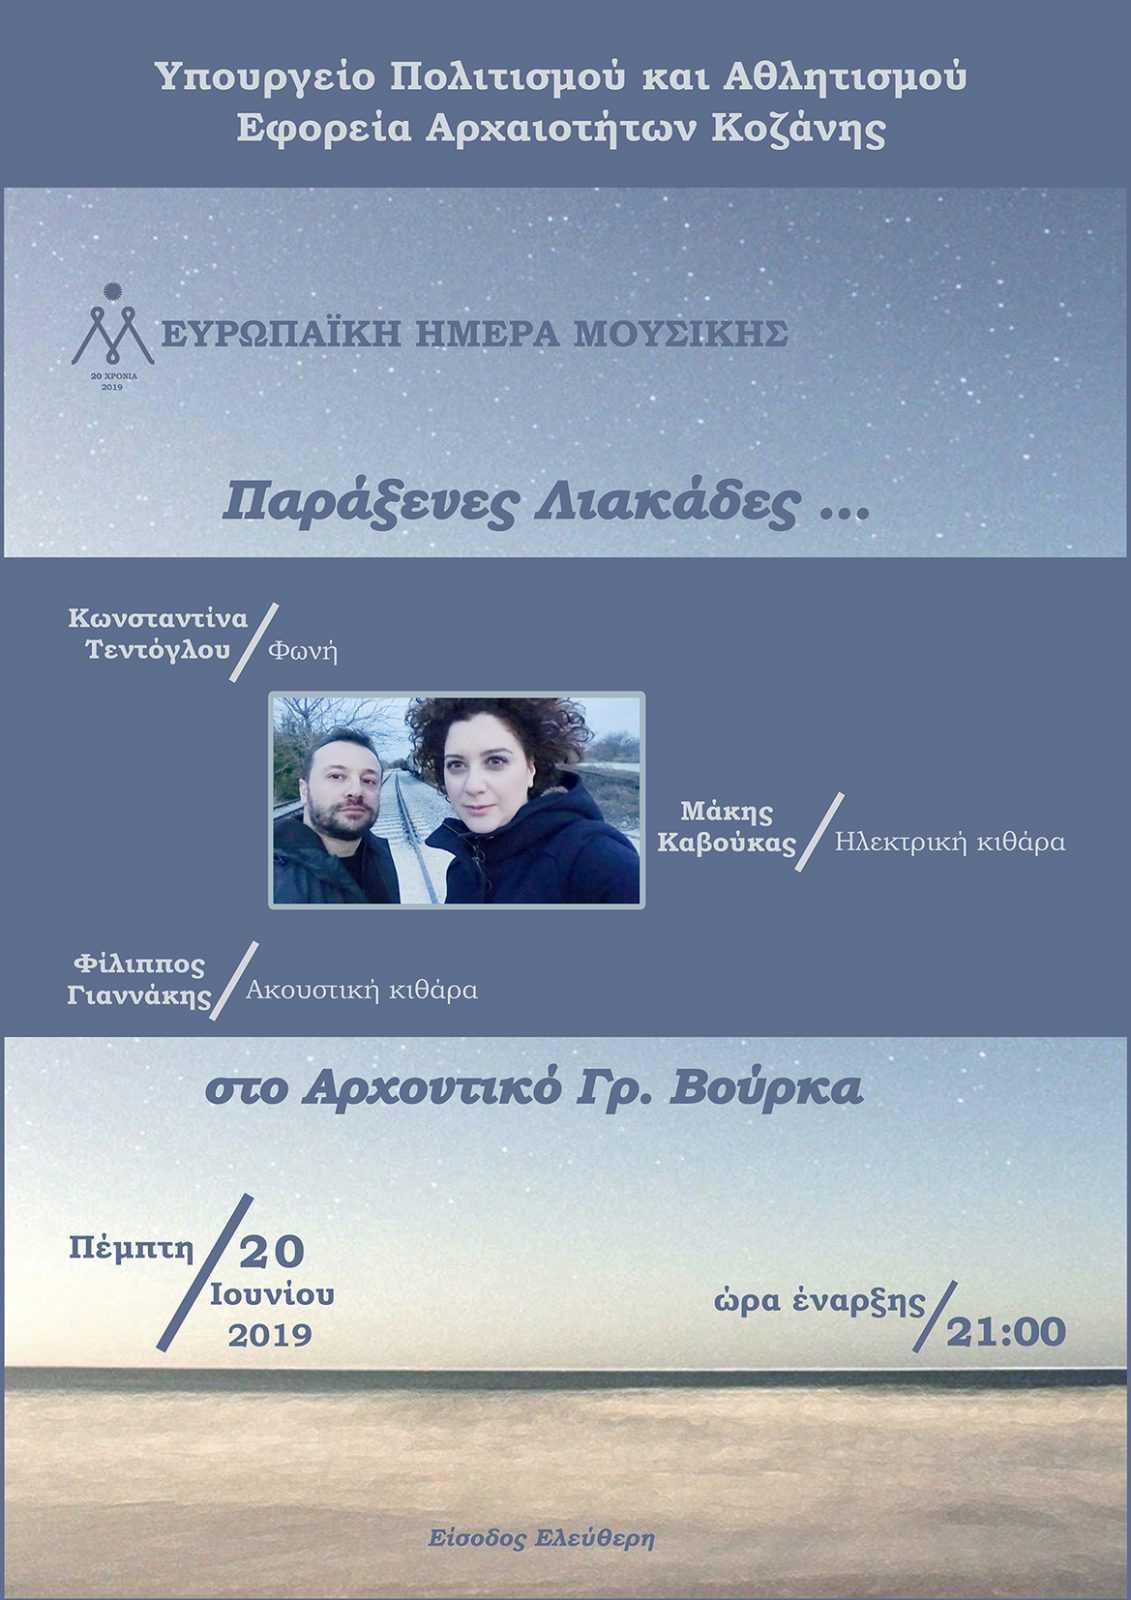 Μουσική εκδήλωση στο Αρχοντικό Γρ. Βούρκα από την Εφορεία Αρχαιοτήτων Κοζάνης στο πλαίσιο του εορτασμού της Ευρωπαϊκης Ημέρας Μουσικής